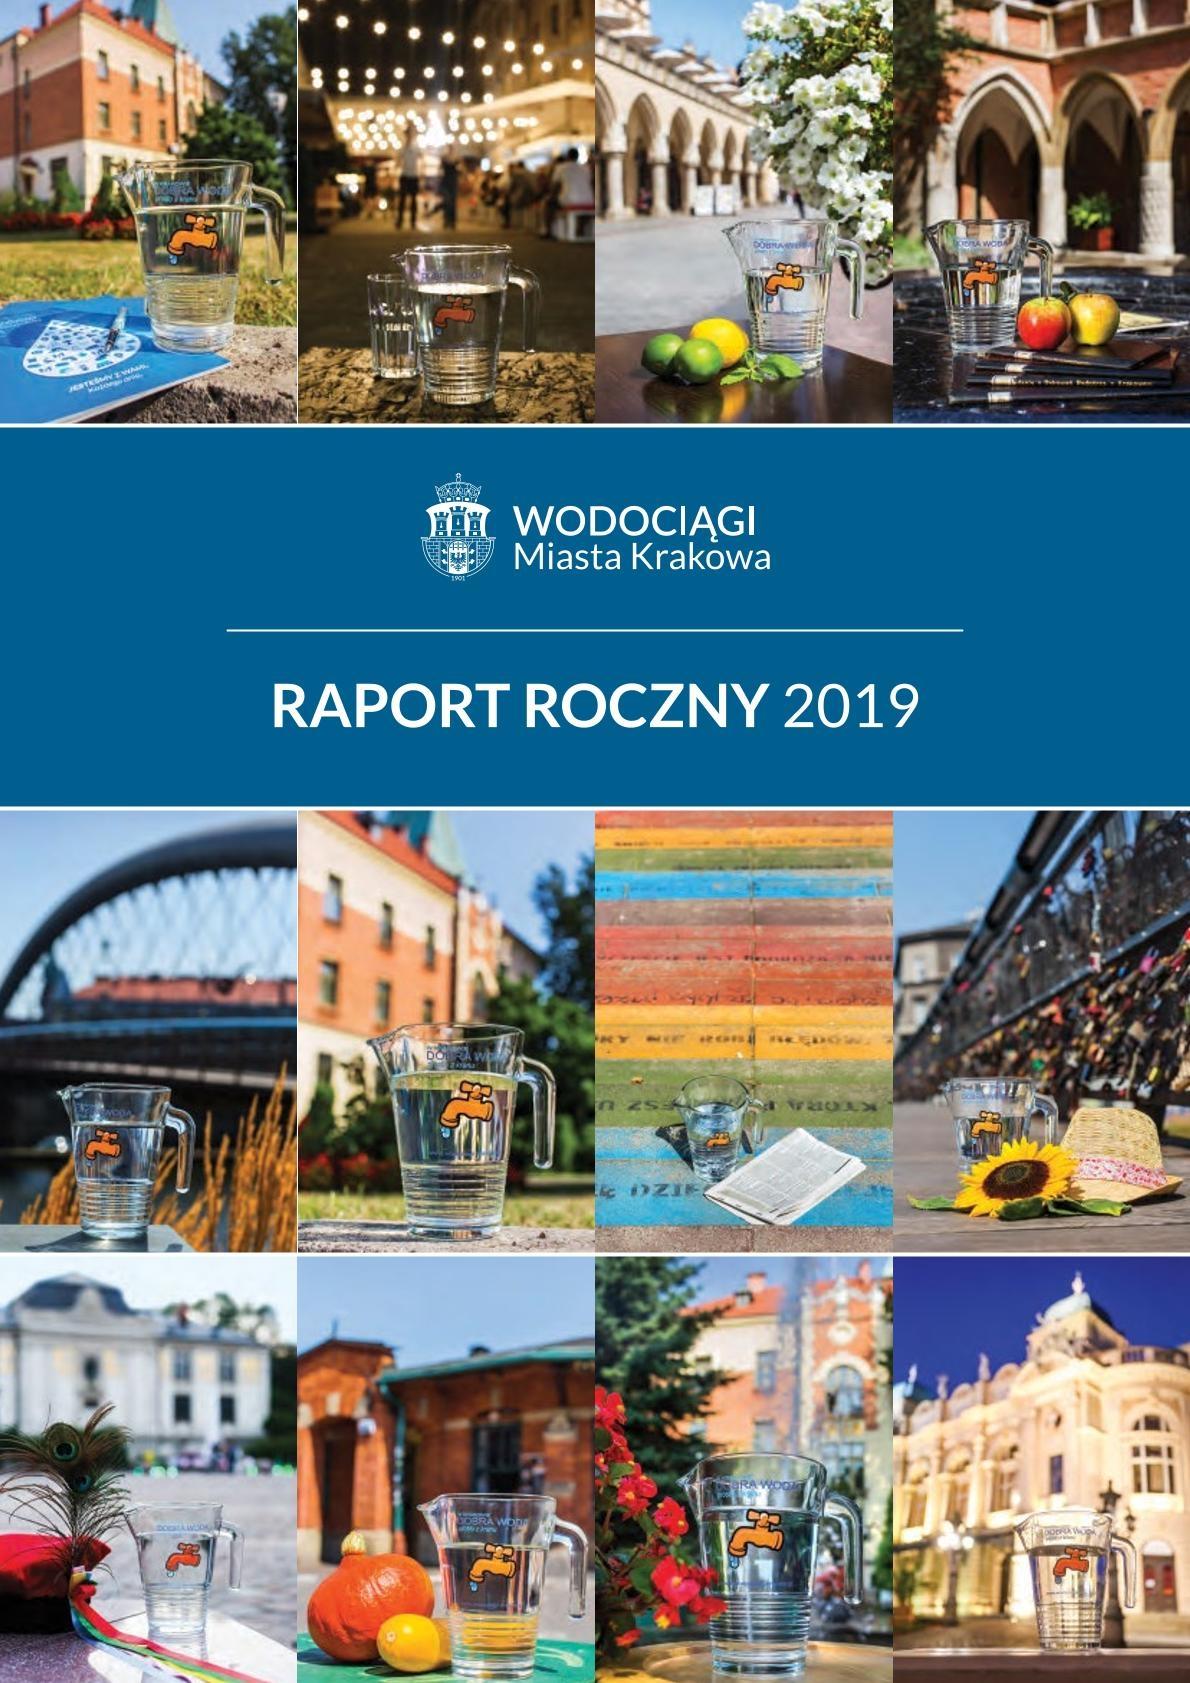 Tytuł: Zobacz raport roczny - 2019 - poszczególne strony dostępne tylko po kliknieciu na link